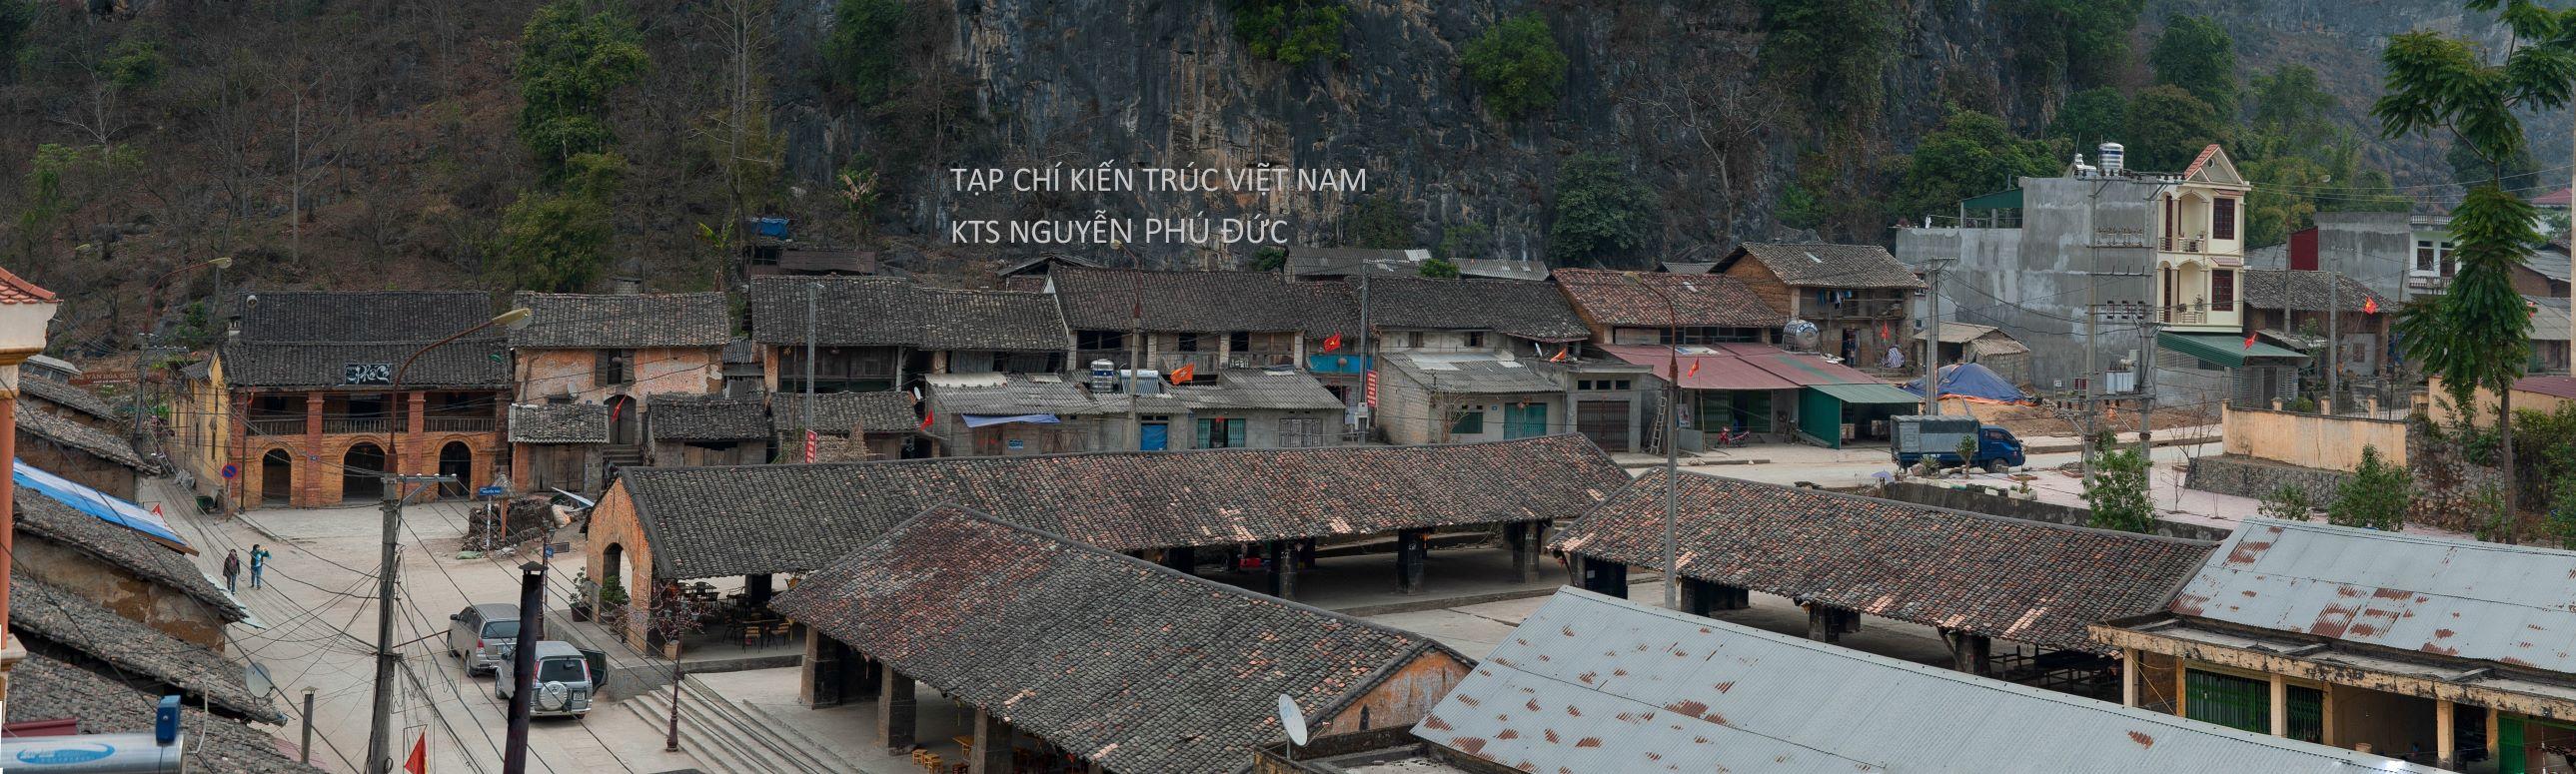 Chợ cổ Đồng Văn